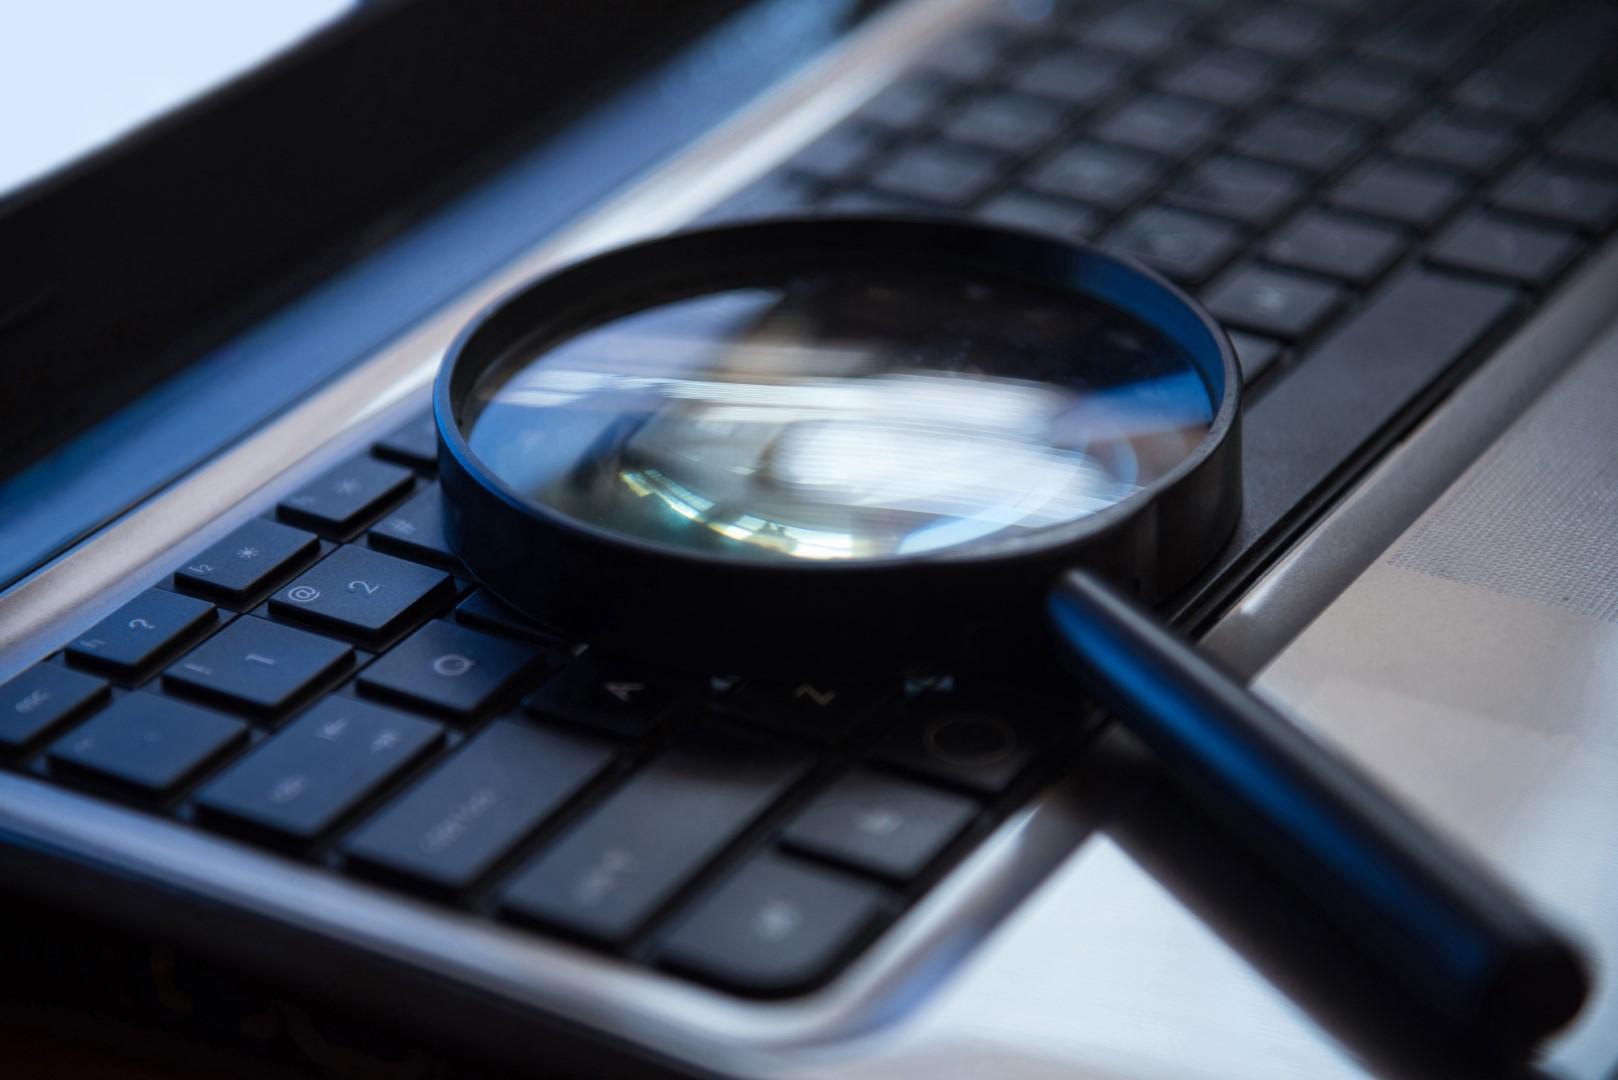 משרד חקירות פרטי מומלץ - קואנטין חקירות פרטיות